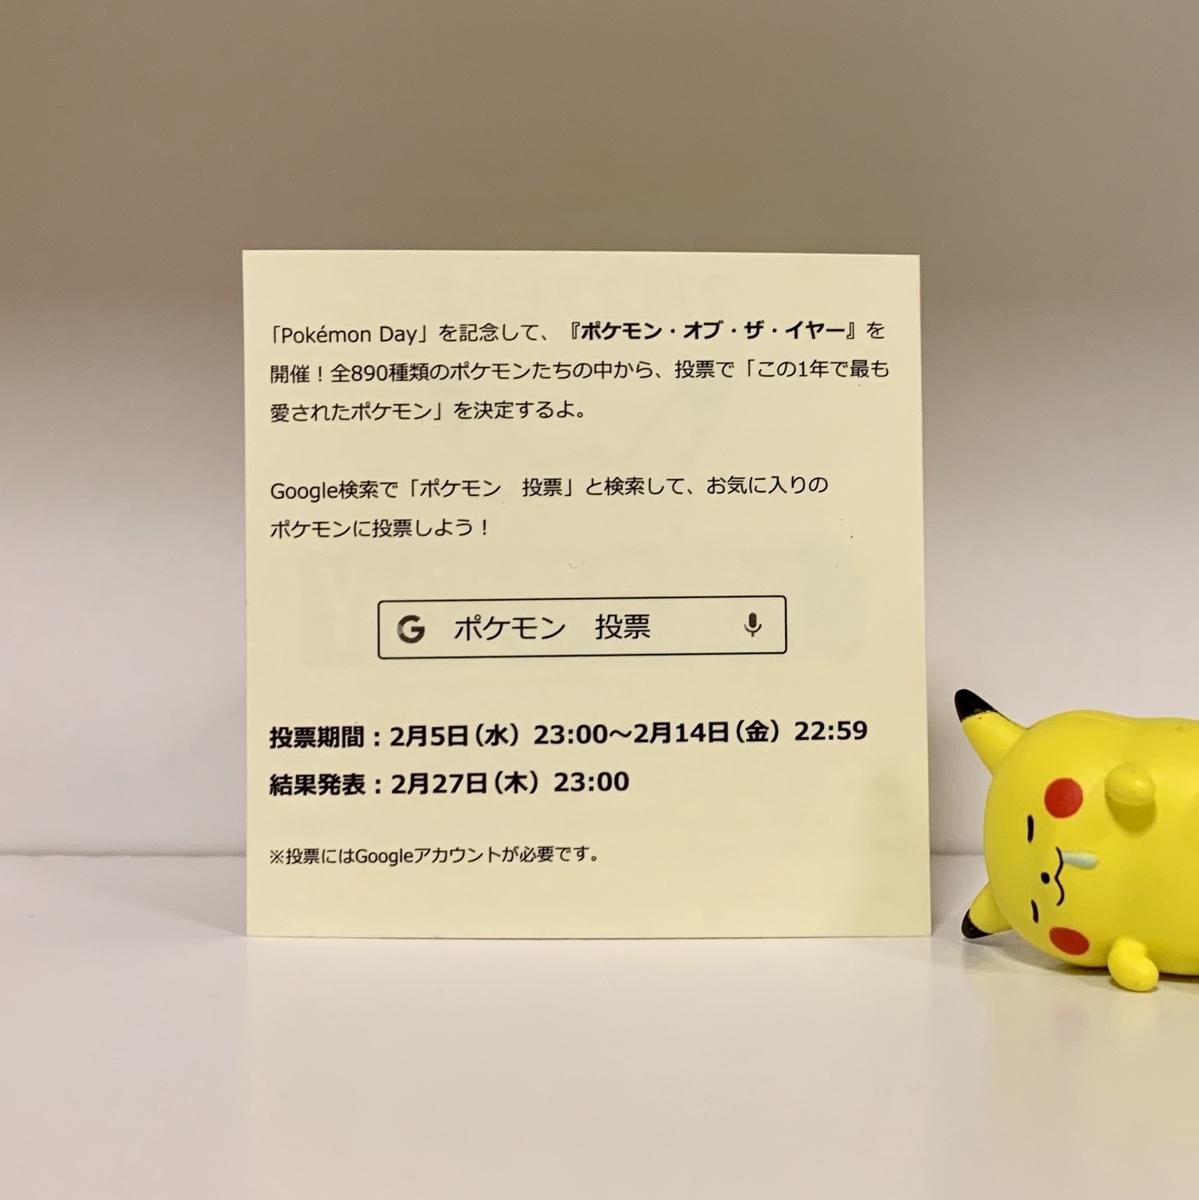 f:id:pikachu_pcn:20200208162145j:plain